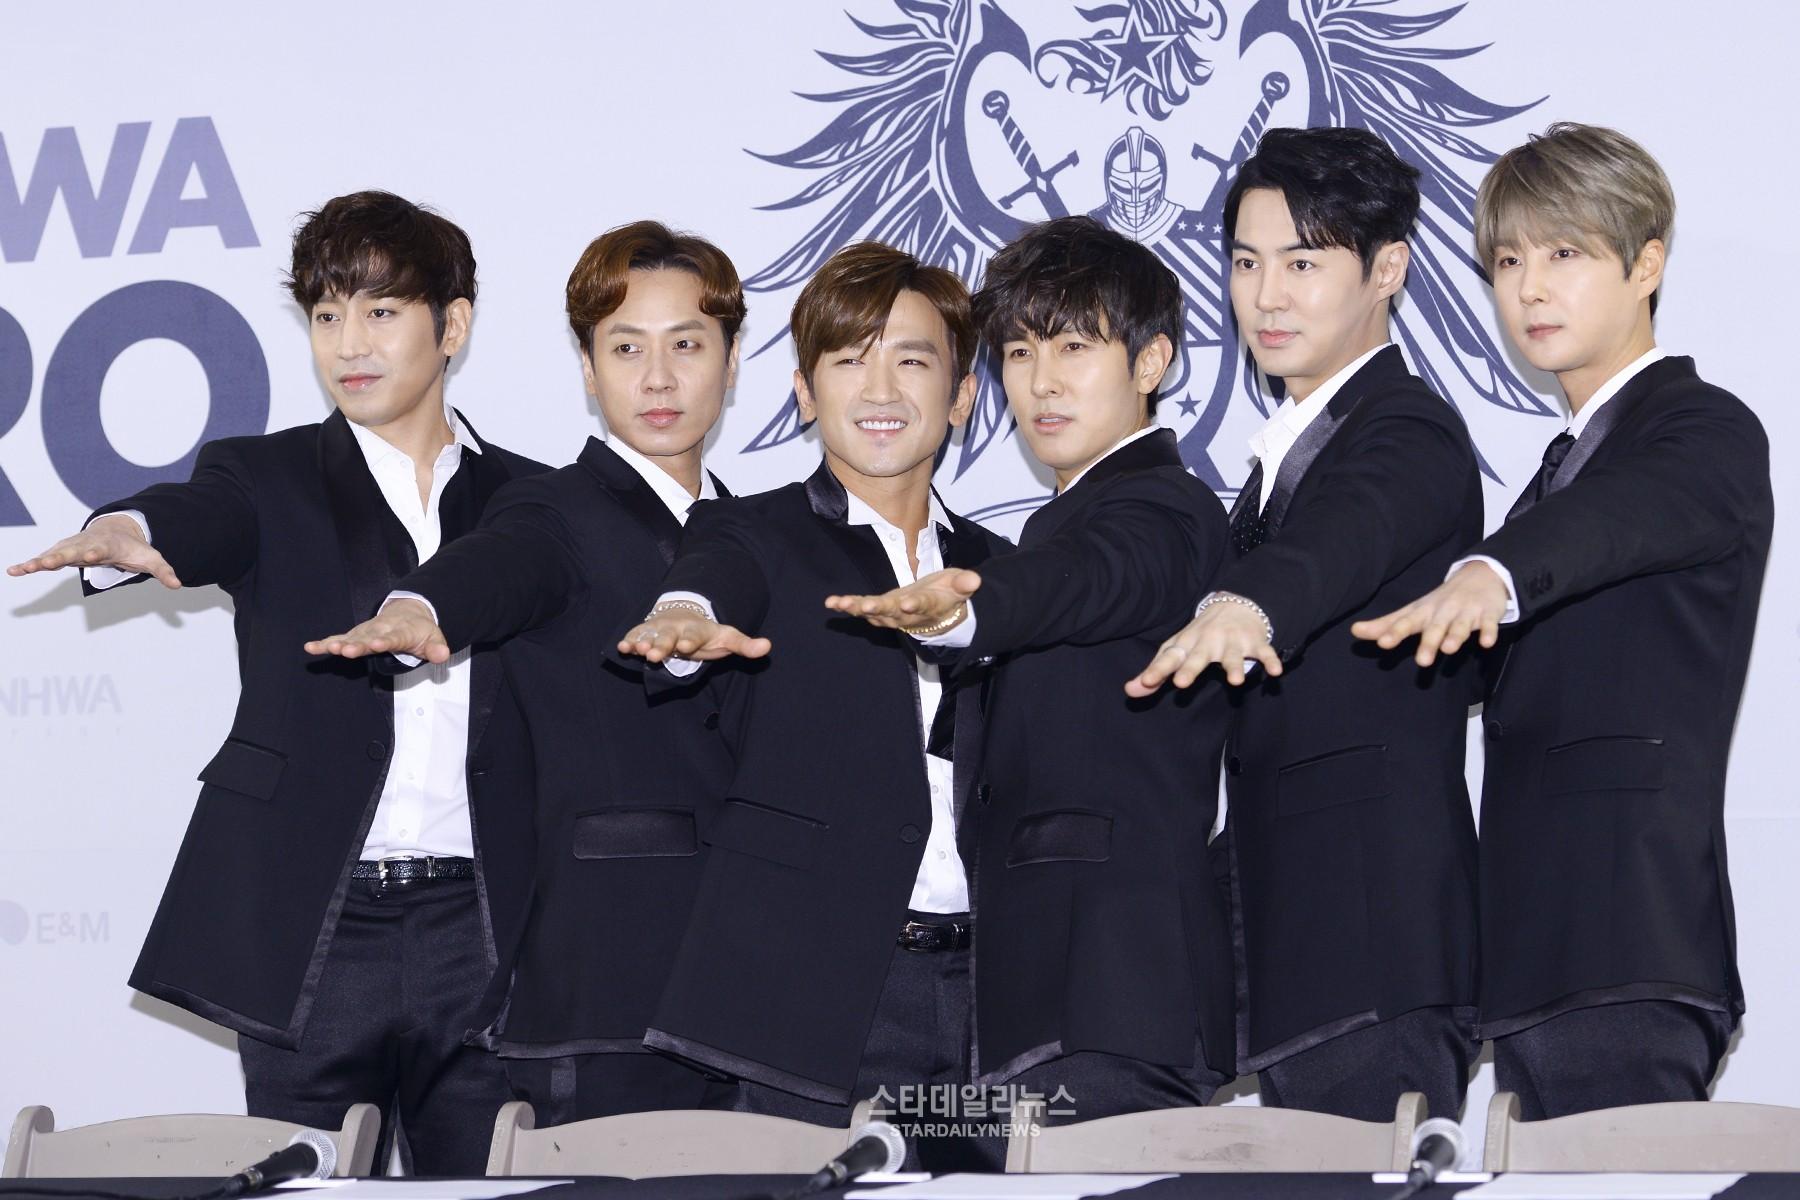 Se informa que Shinhwa podría hacer su regreso a finales de este año